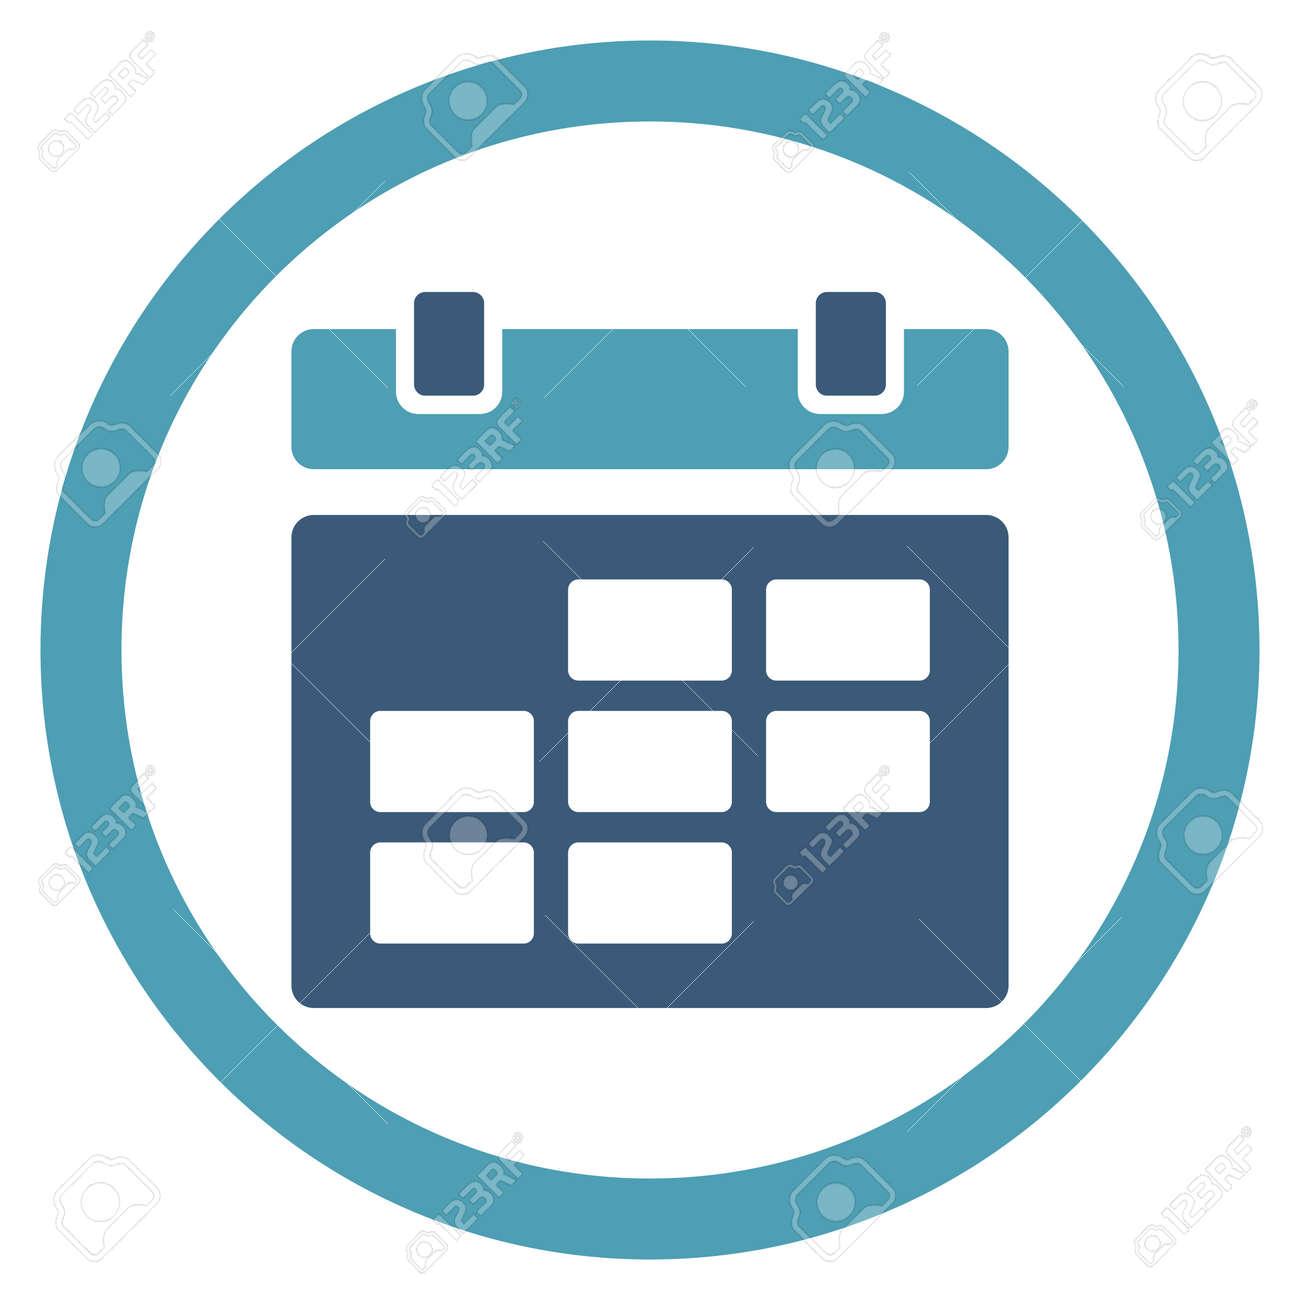 Calendario Icona.Icona Del Calendario Di Vettore Lo Stile E Bicolore Piatto Simbolo Arrotondata Ciano E Blu Angoli Sfondo Bianco Arrotondato